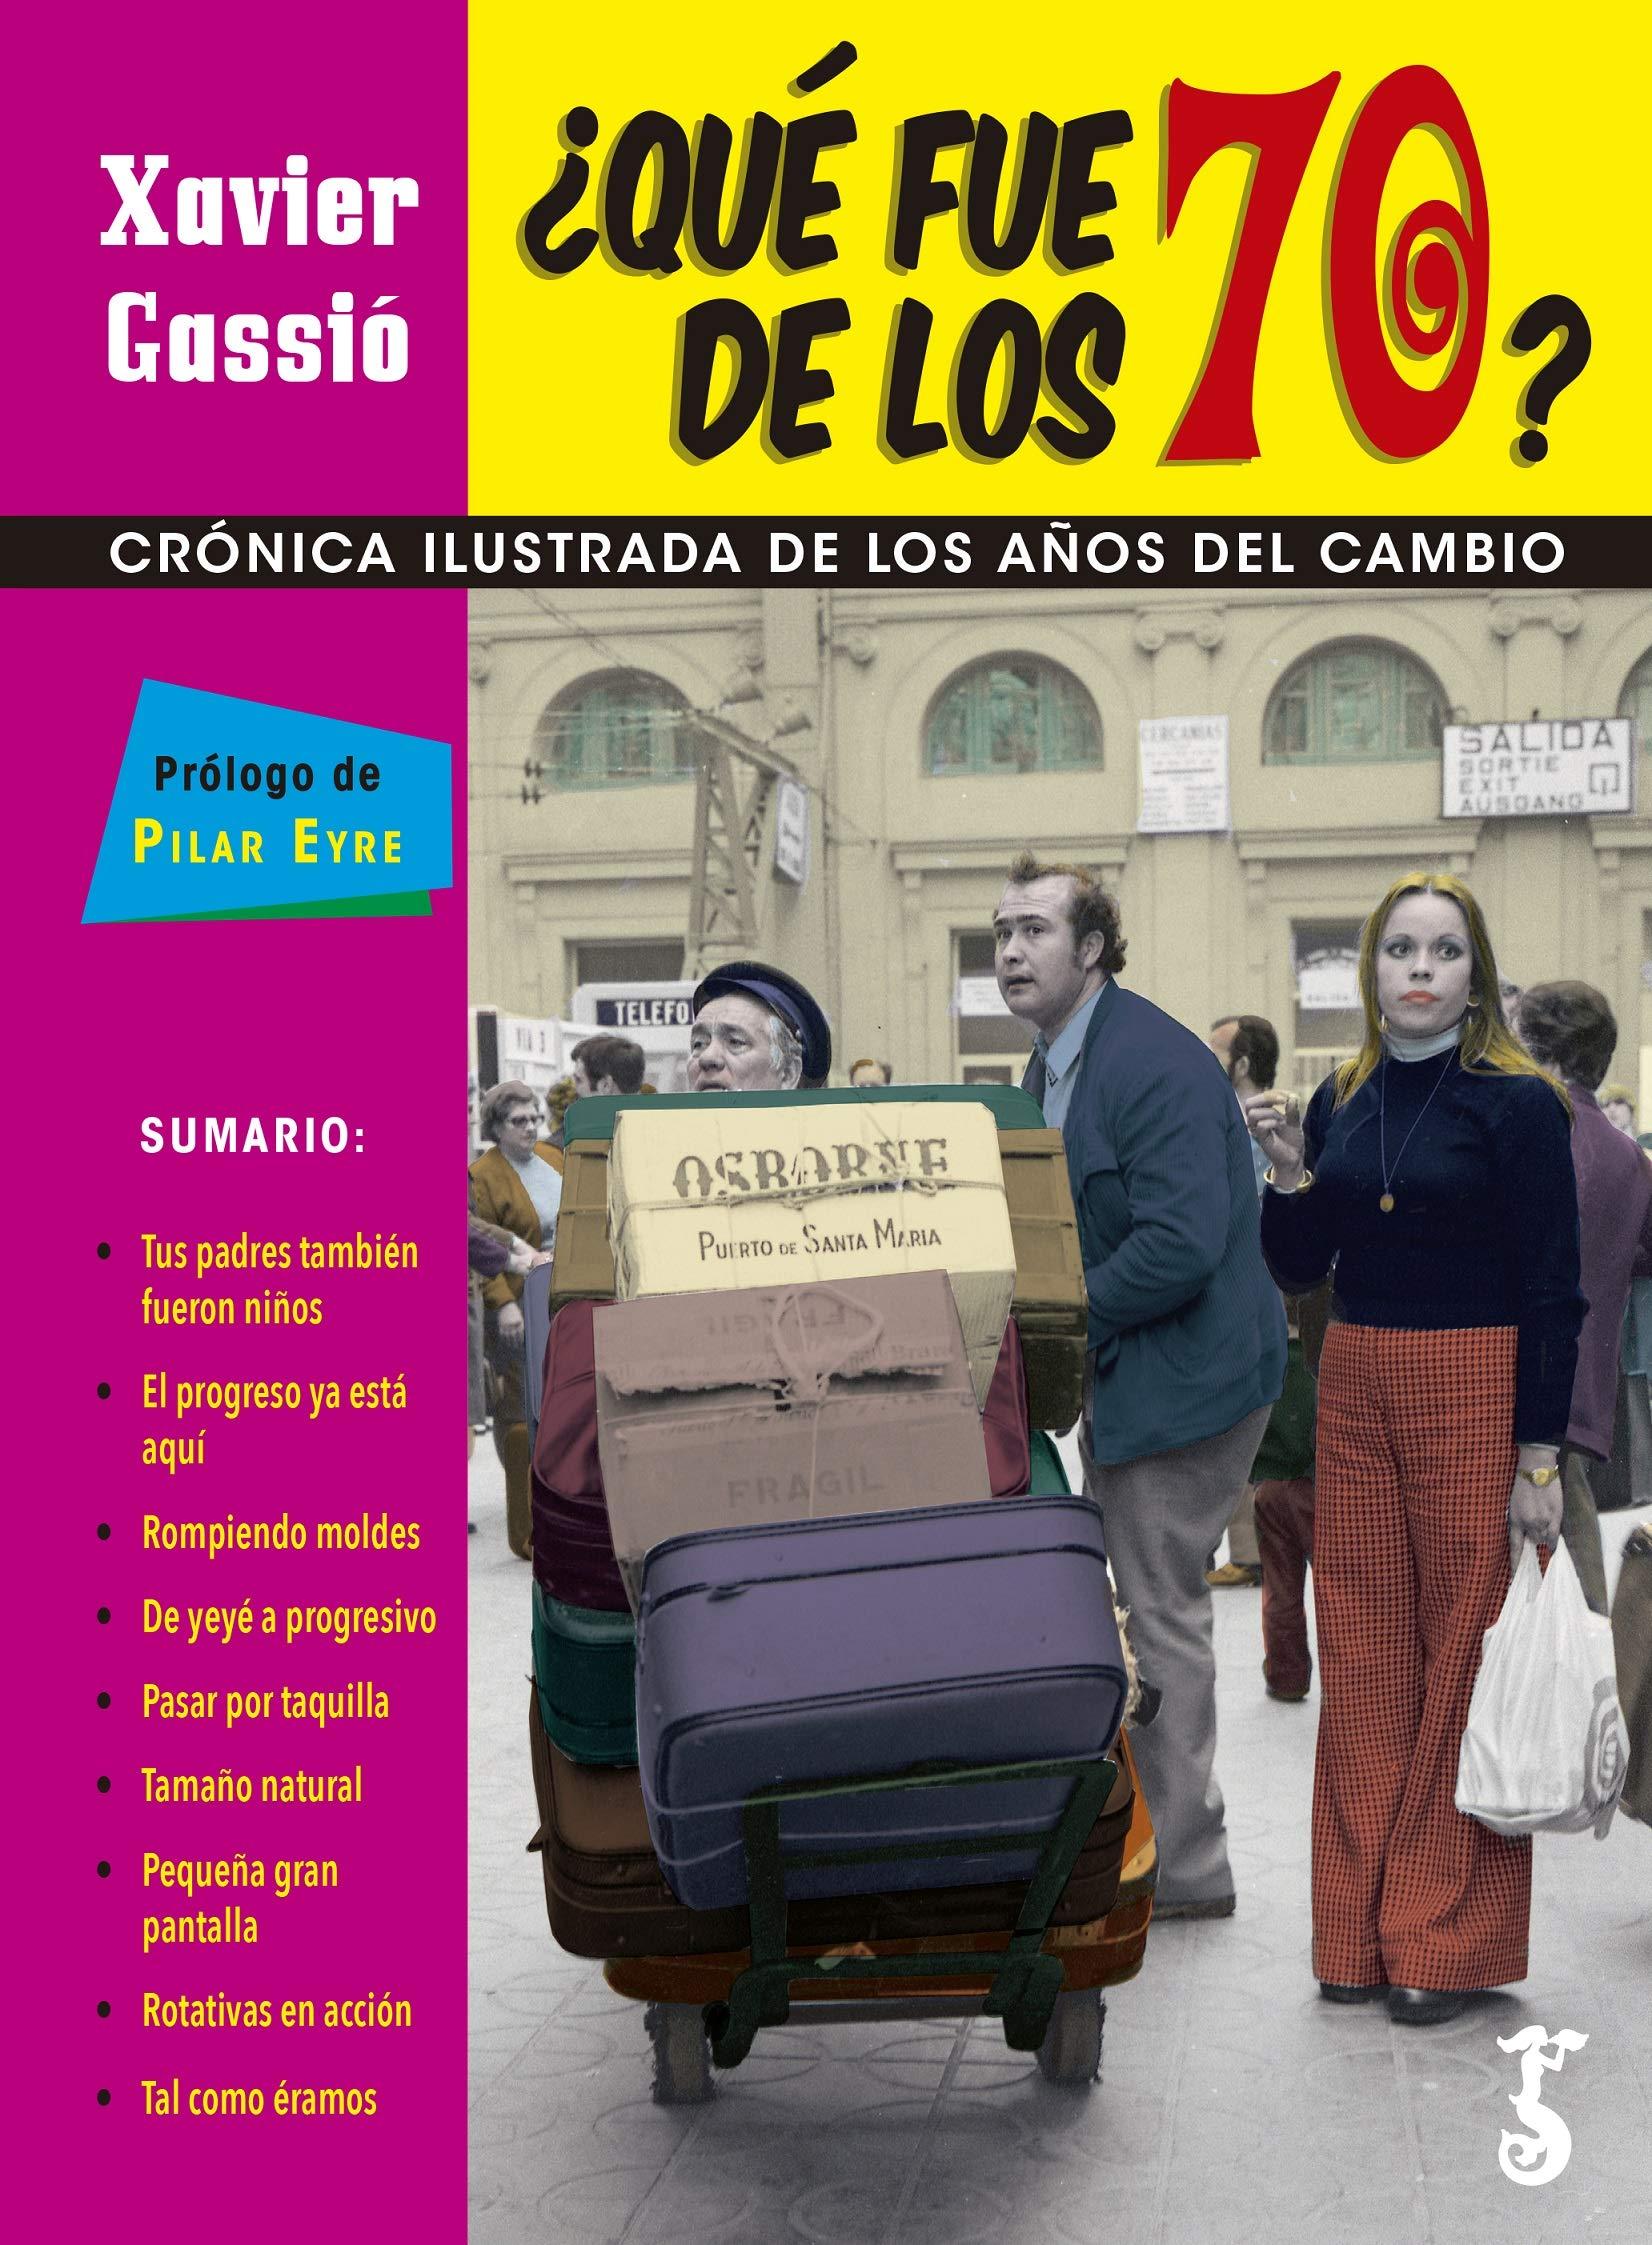 Qué fue de los 70? Crónica Ilustrada de los Años del Cambio.: Amazon.es: Gassió, Xavier: Libros